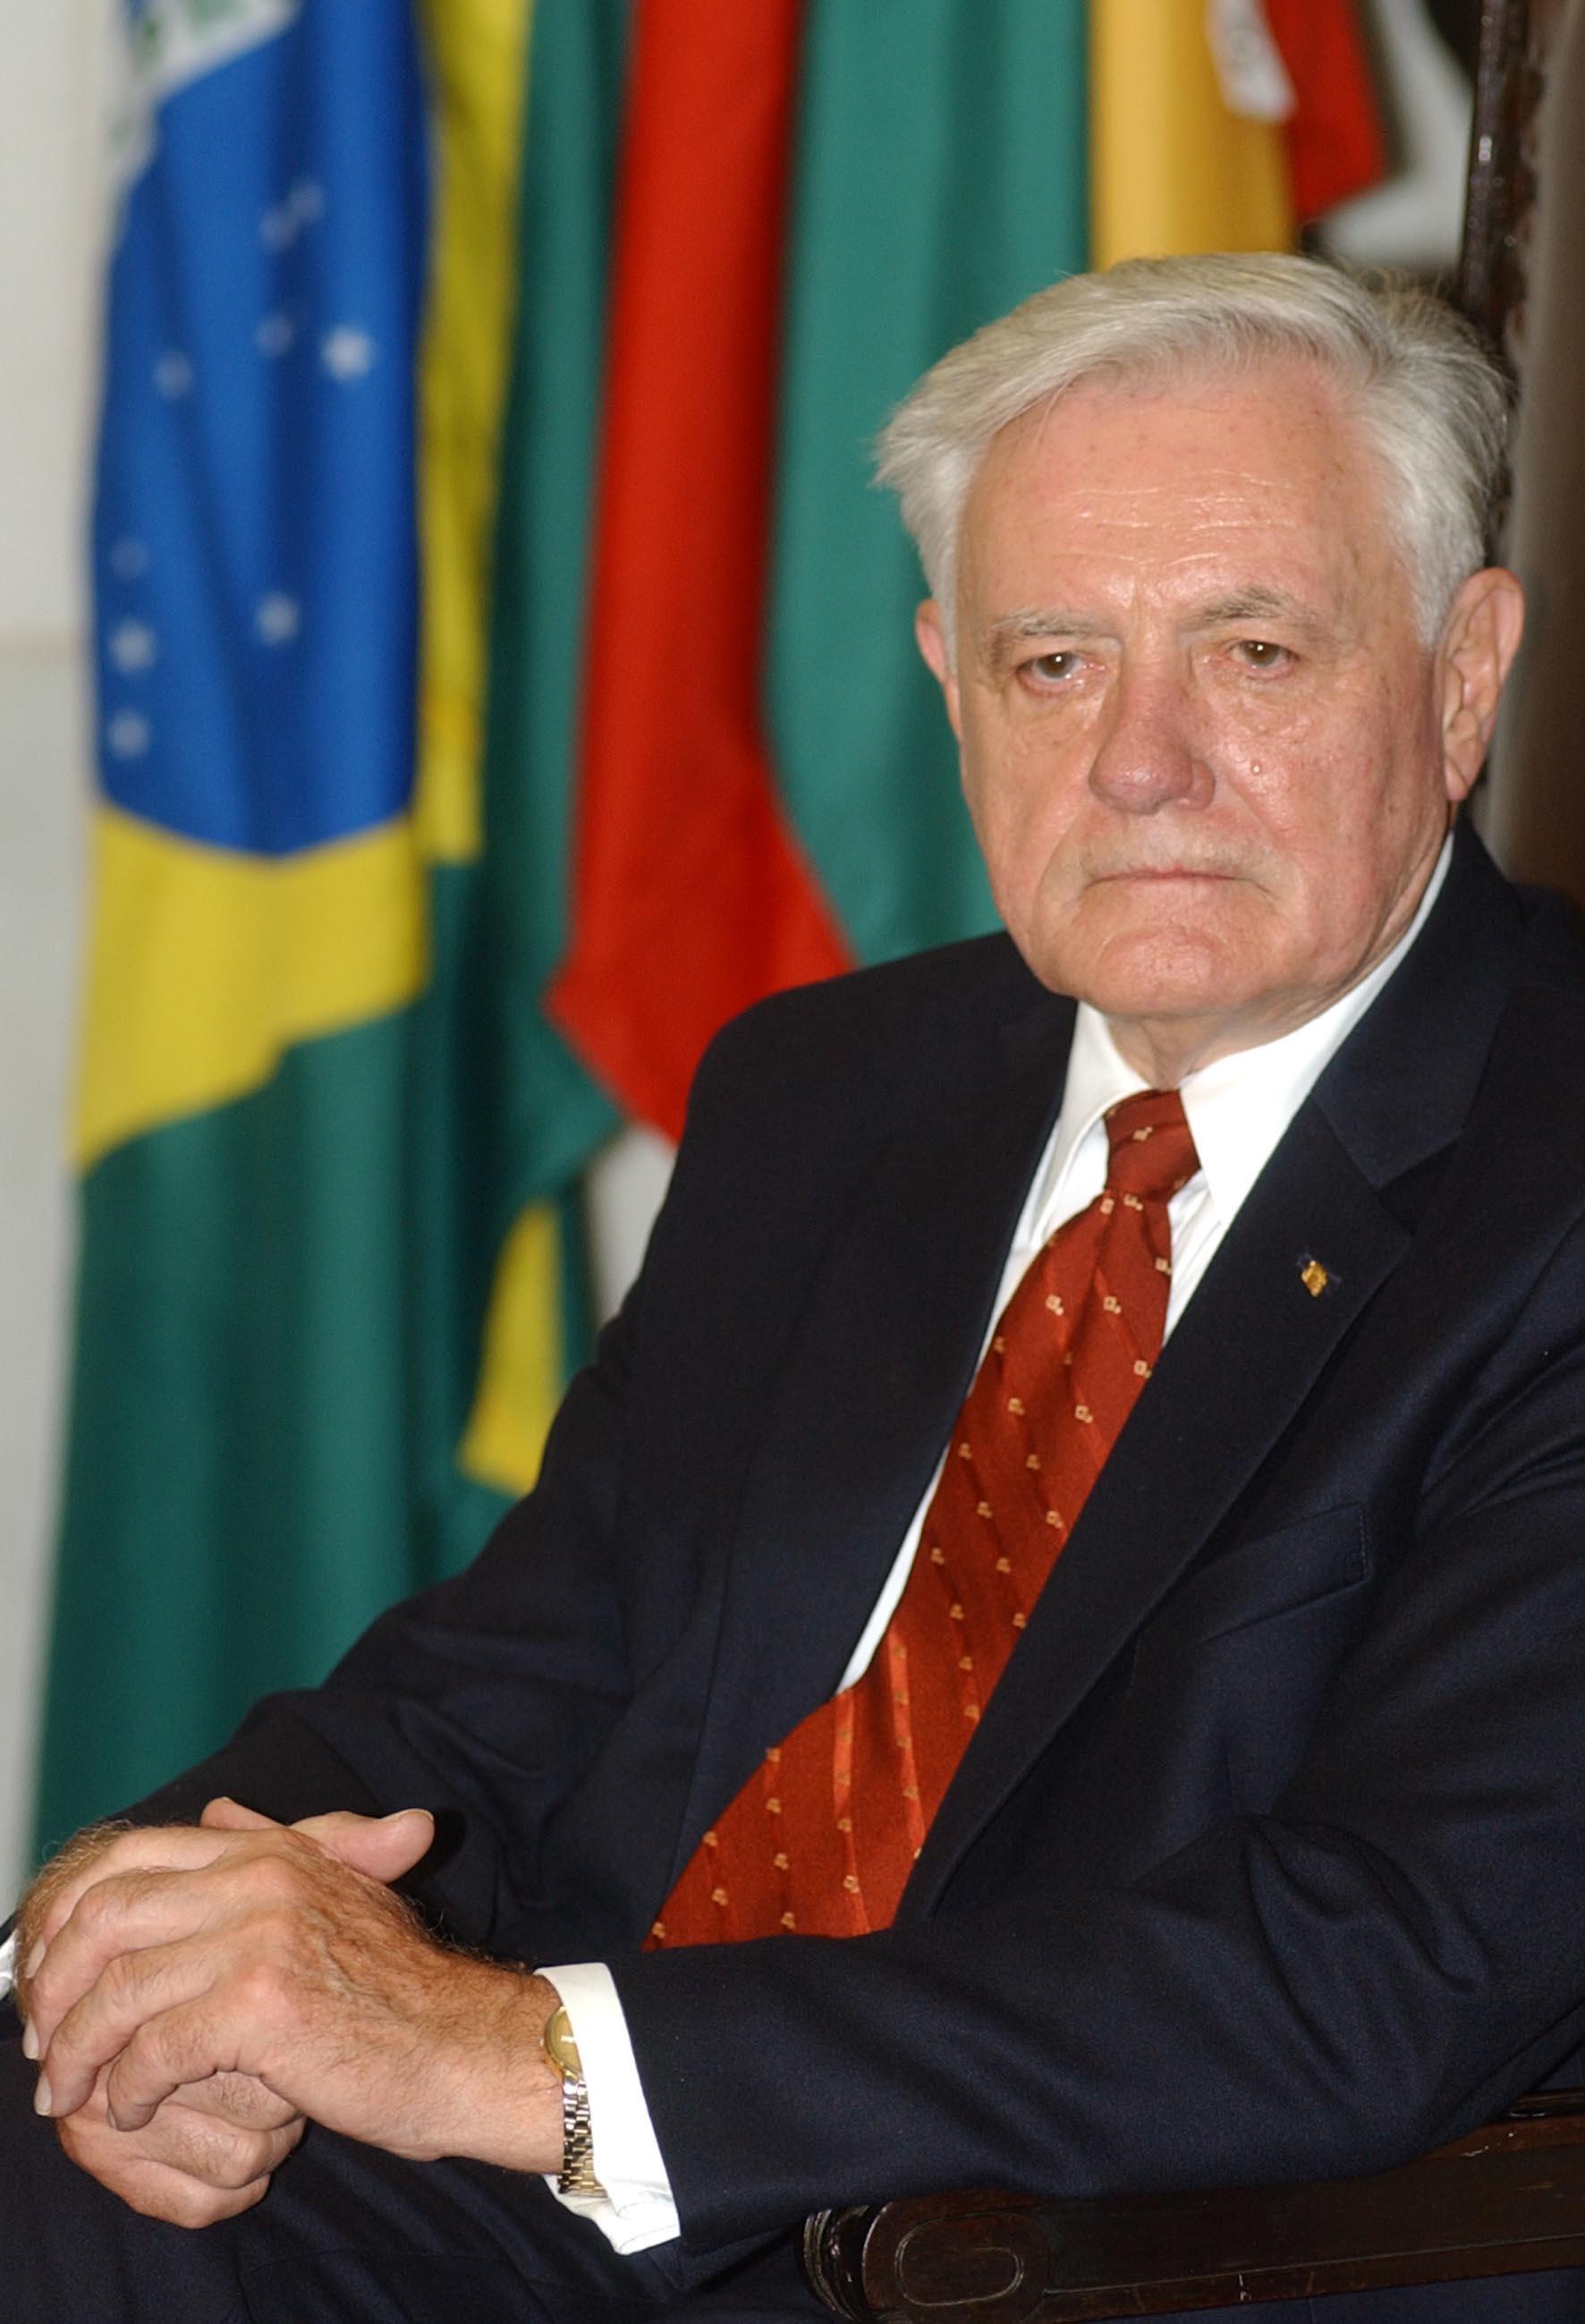 Valdas Adamkus, author Fabio Pozzebom/ABr